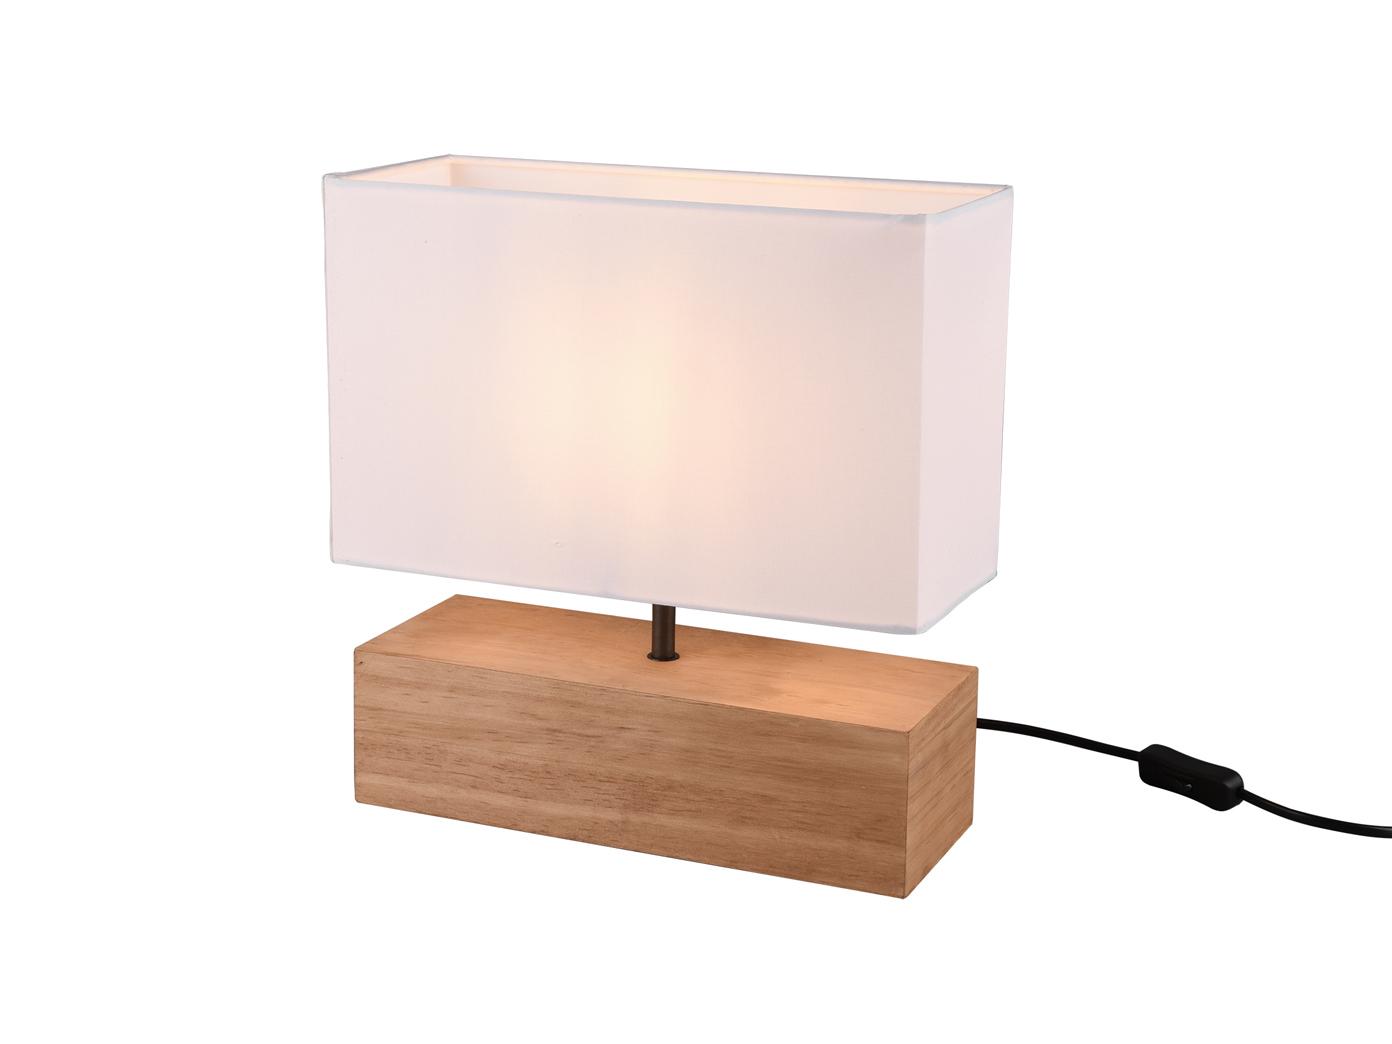 Nachtischleuchen großer kleiner Fuß 30cm hoch und schmal Holz Stofflampenschirm